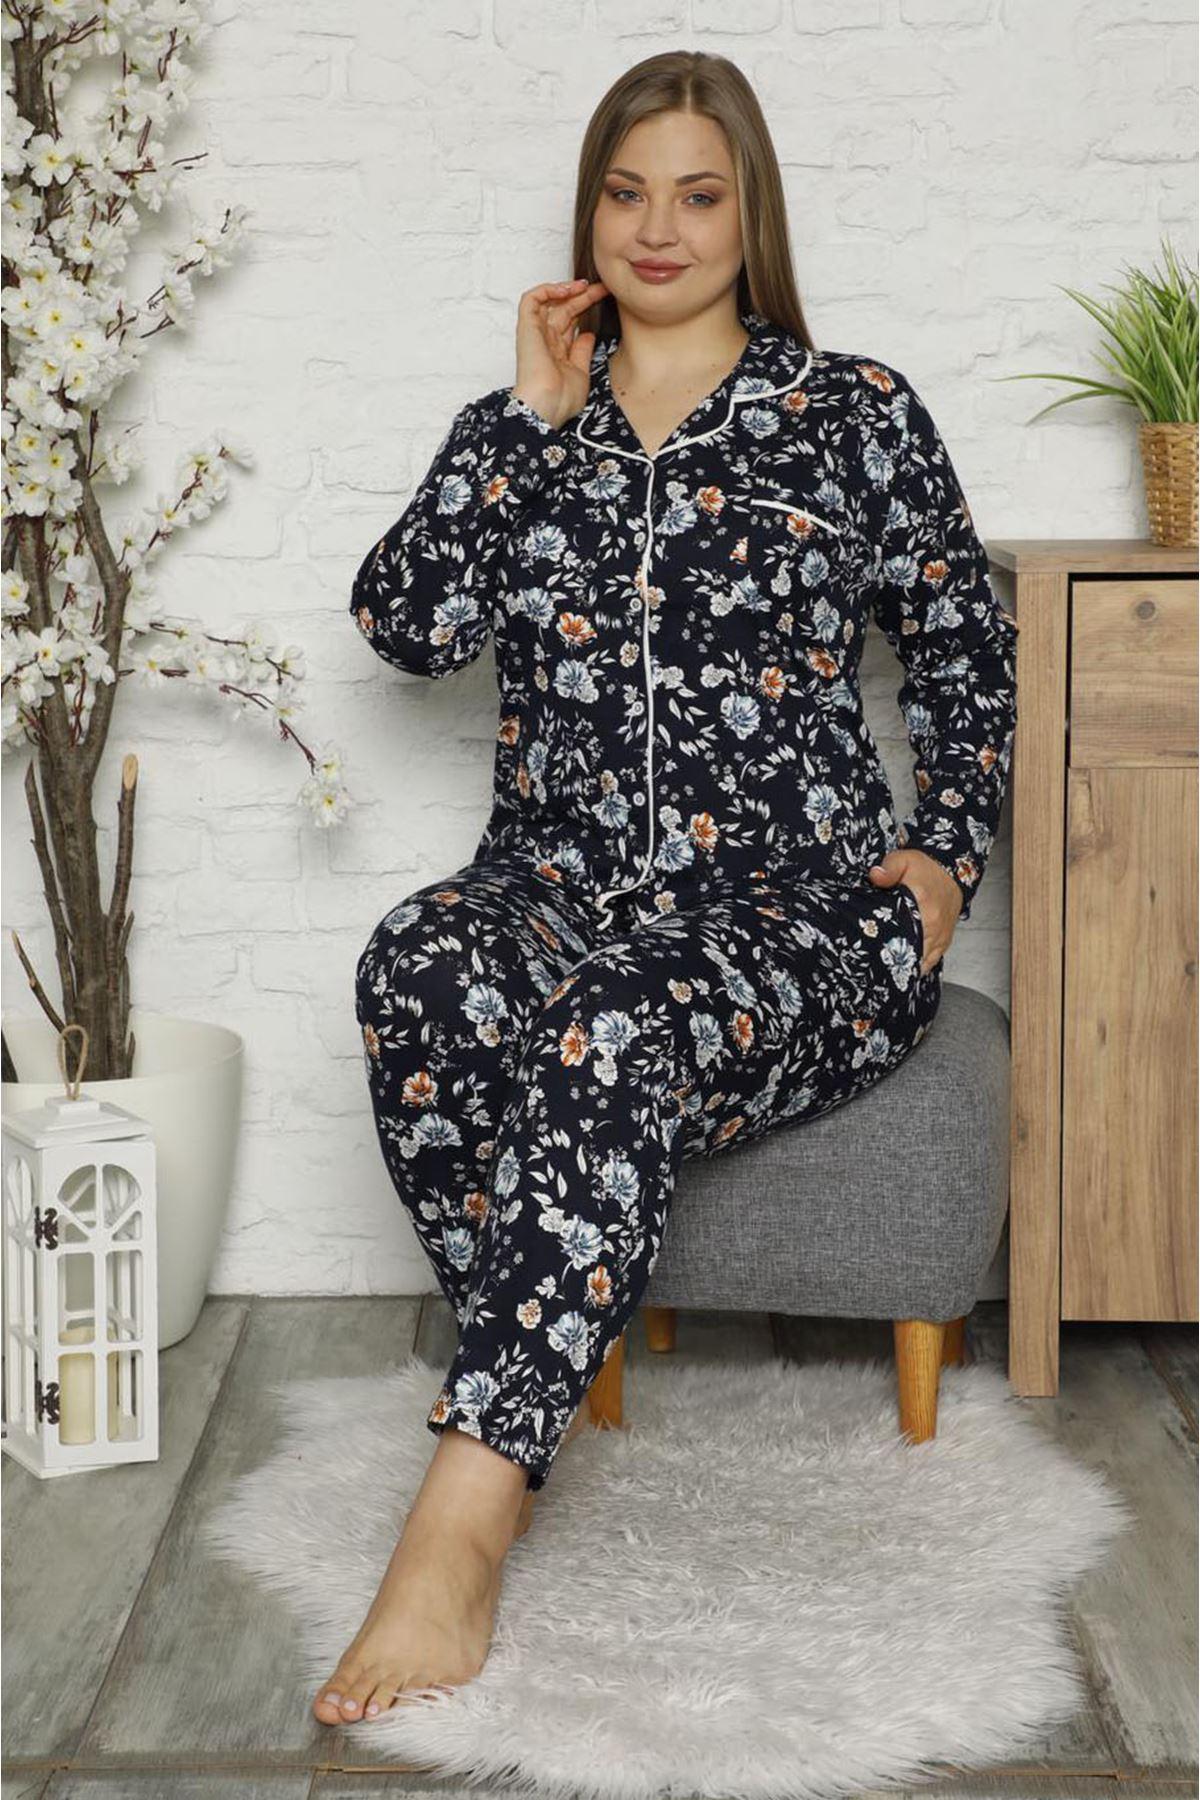 Çiçek Desenli Büyük Beden Pijama Takımı 32E-1481